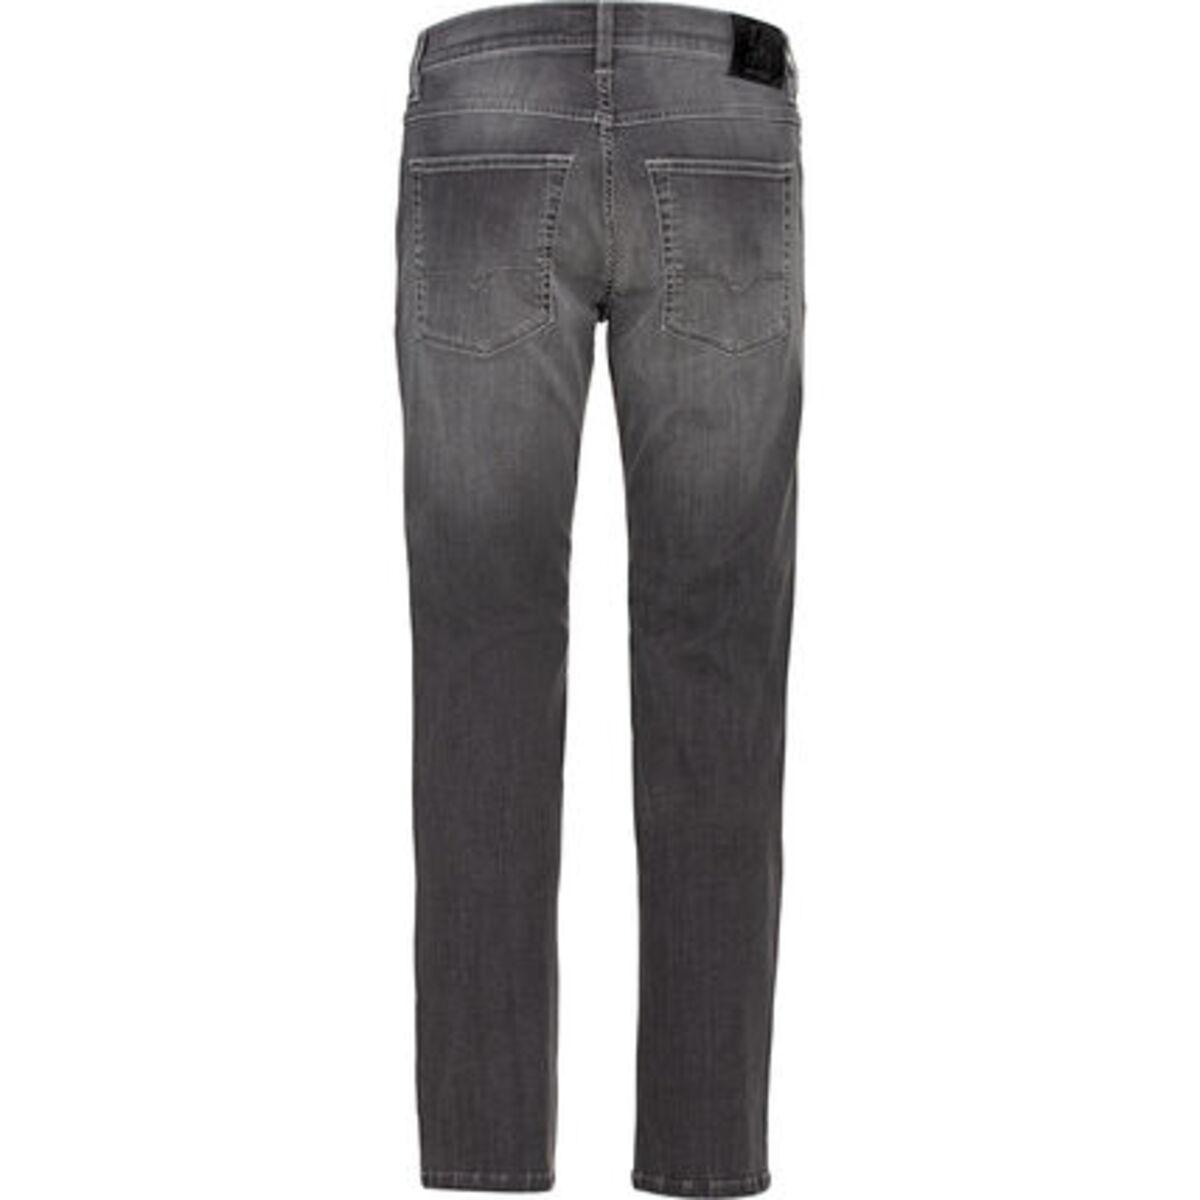 Bild 2 von Otto Kern Jeans, Dynamic Pure Flex, für Herren